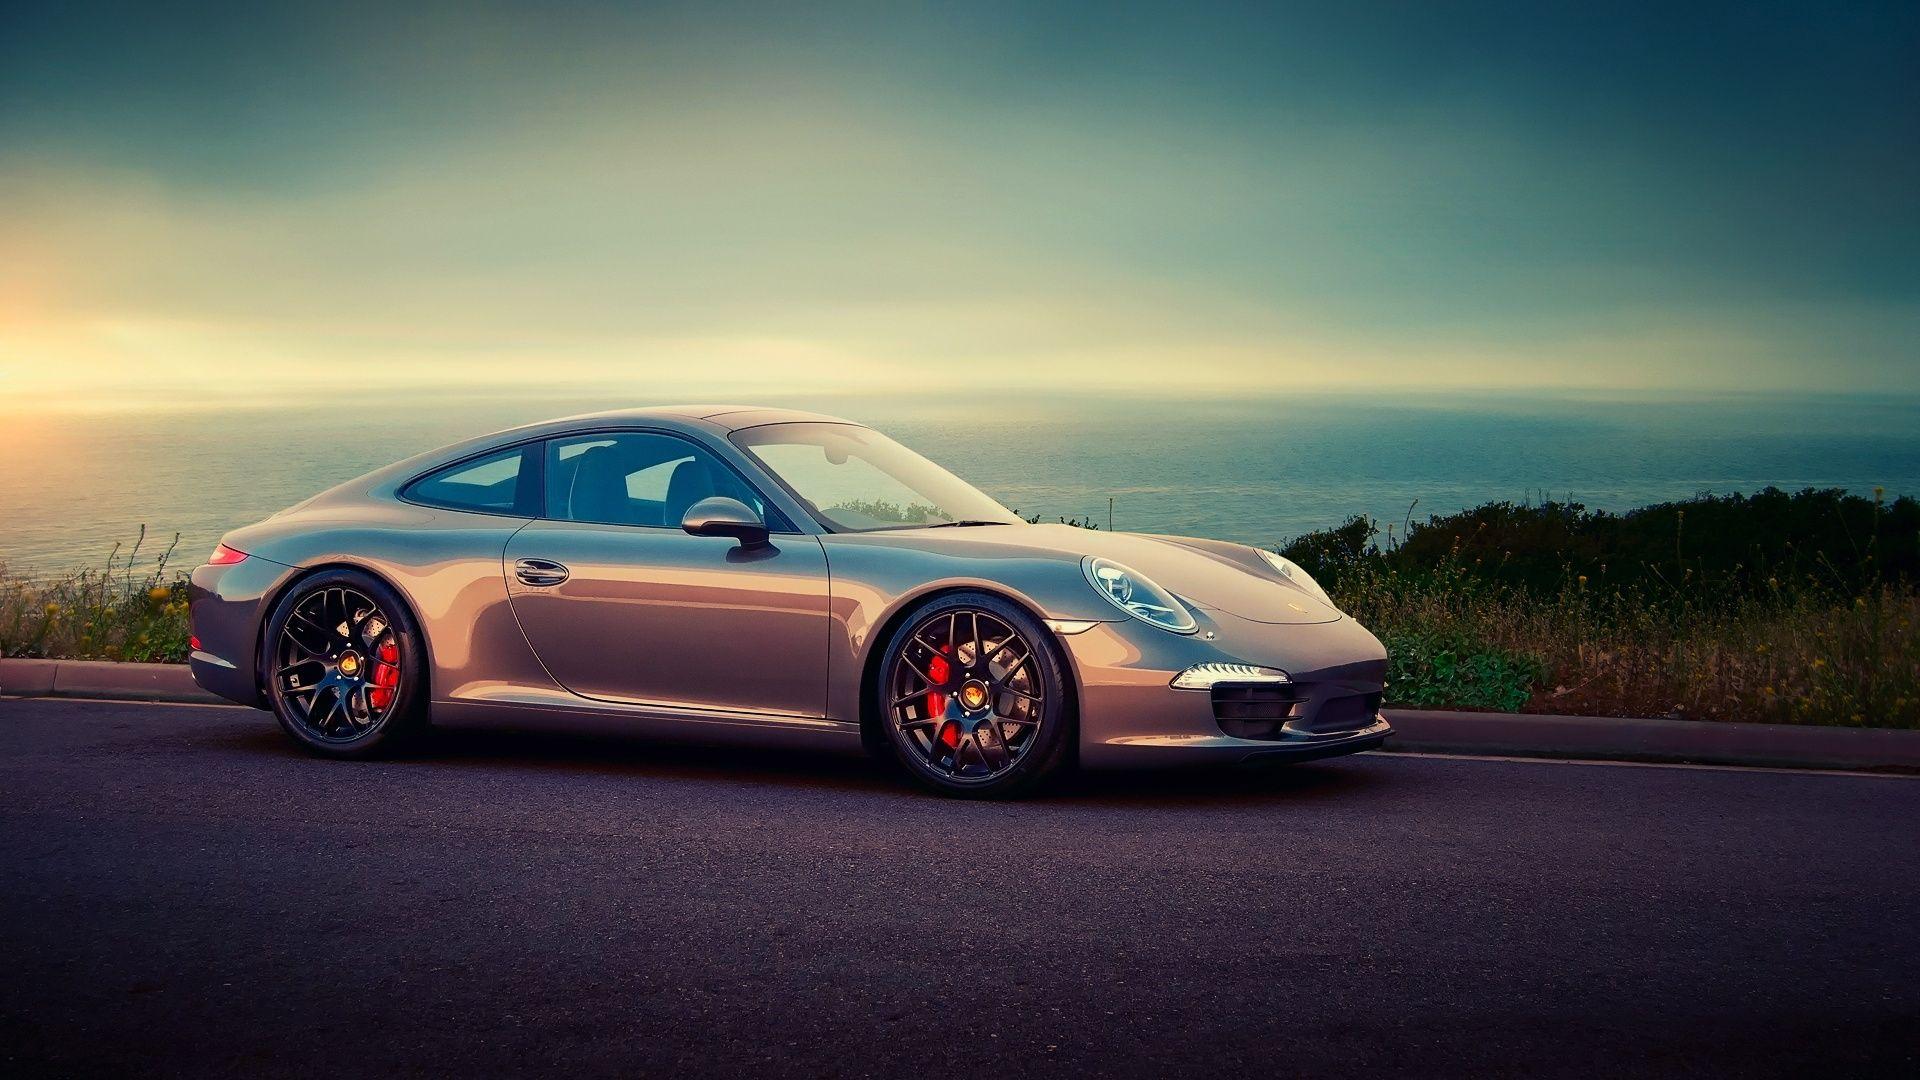 Porsche Car Photography Car Wallpapers